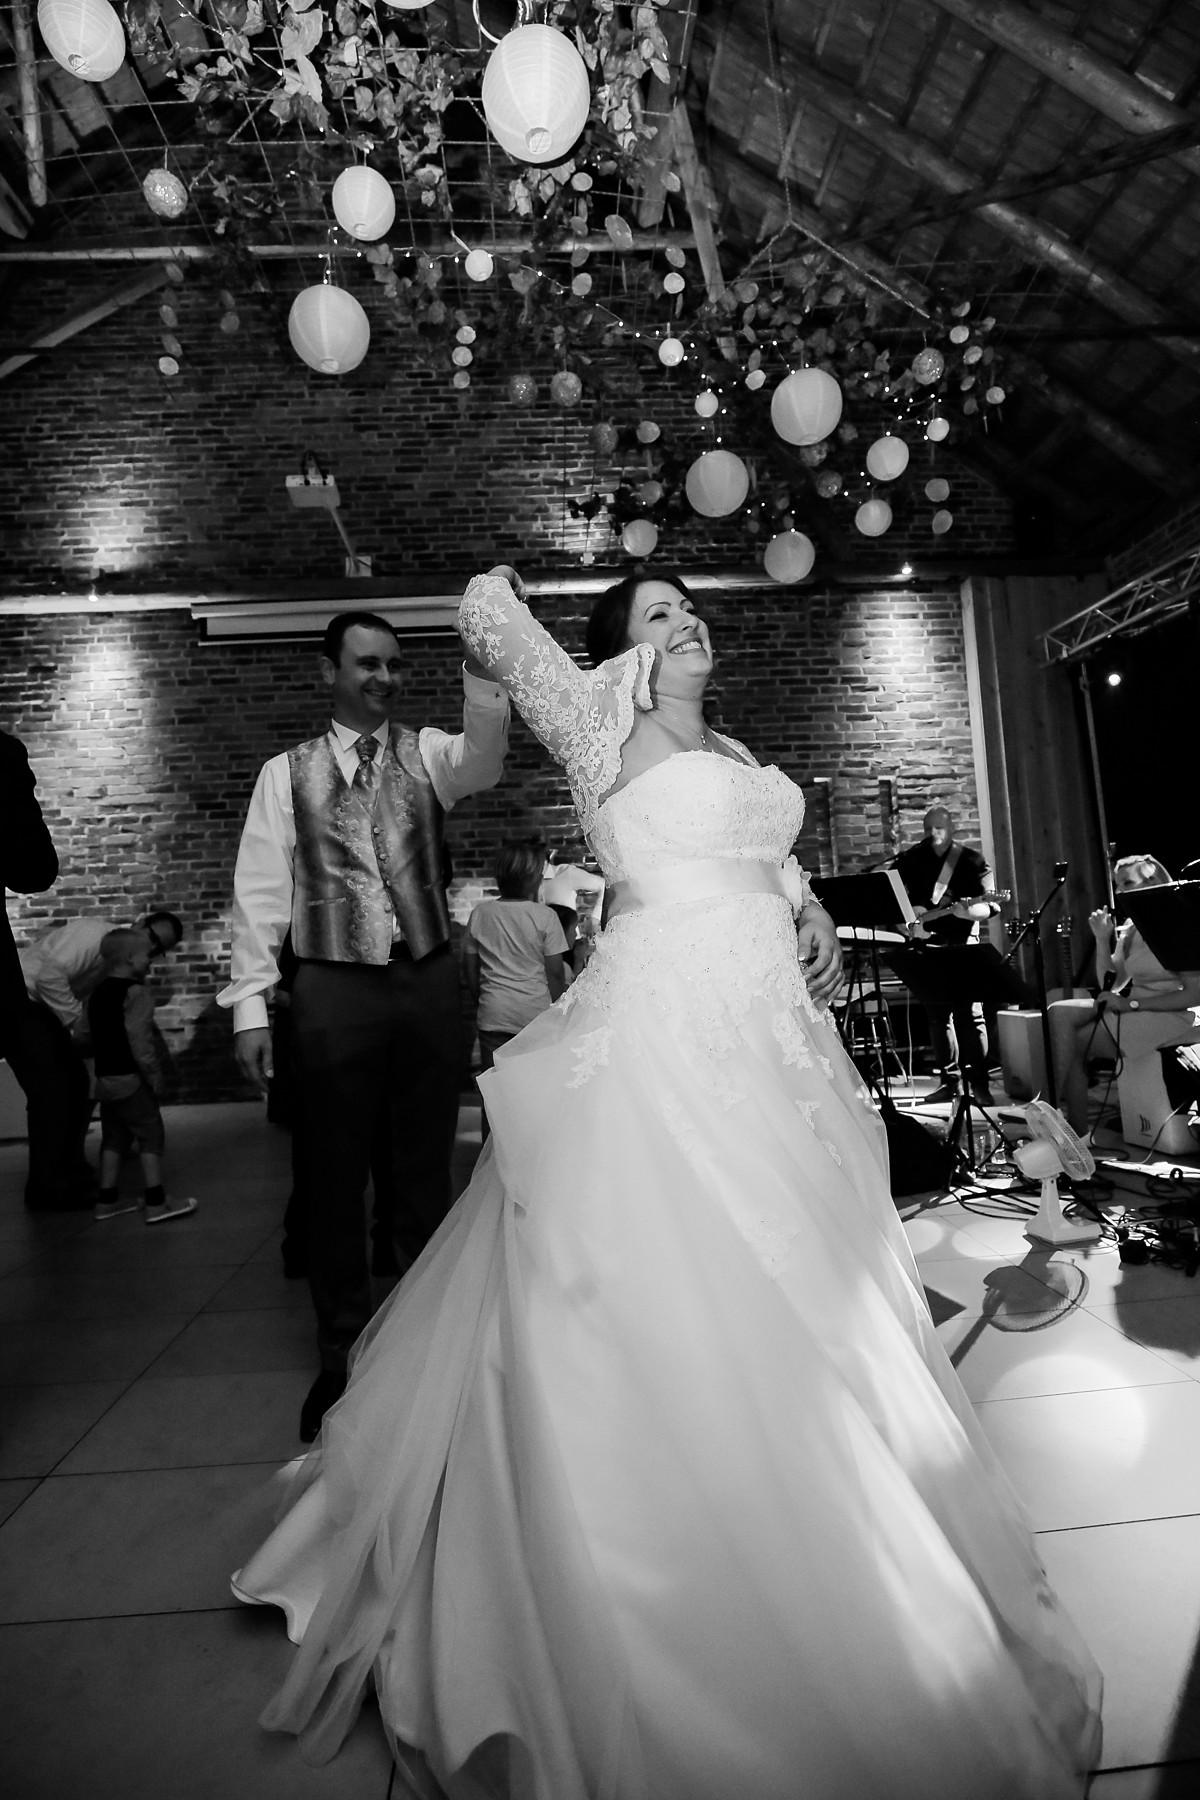 Hochzeitsfotograf-Spenge-Bünde-2016_0112